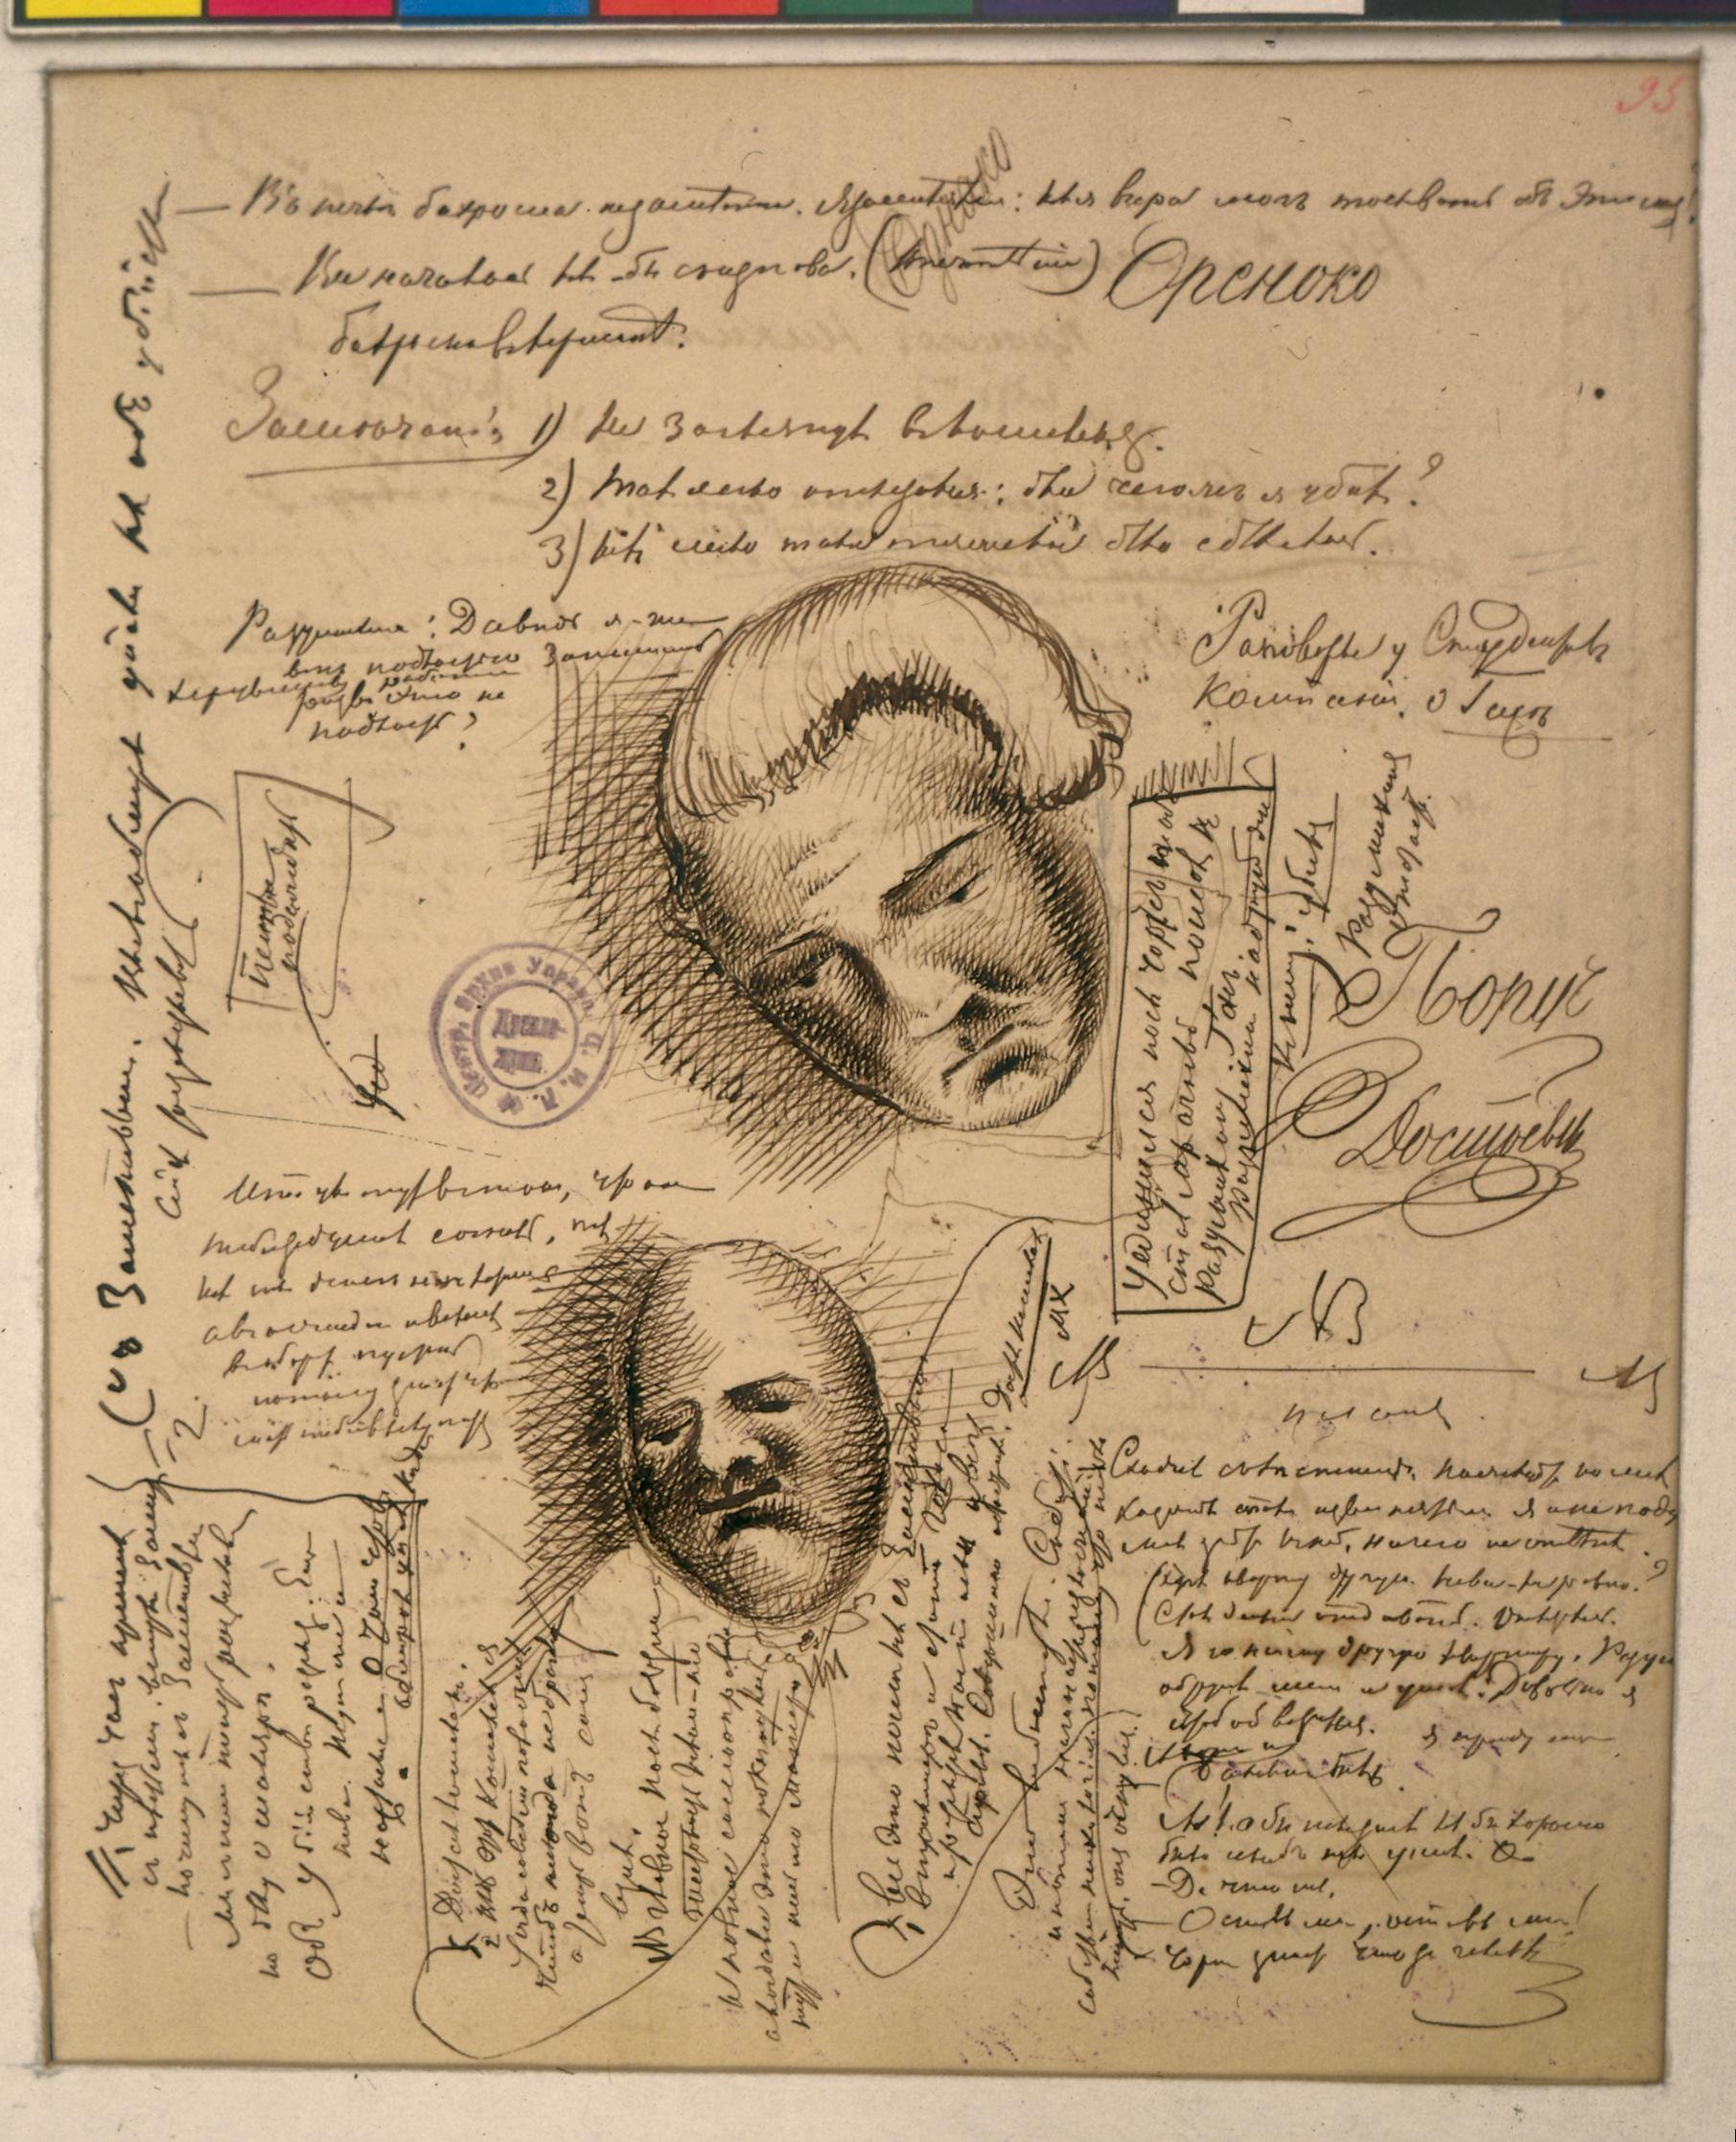 Un bozzetto realizzato da Dostoevskij e raccolto nel volume pubblicato da Lemma Press.